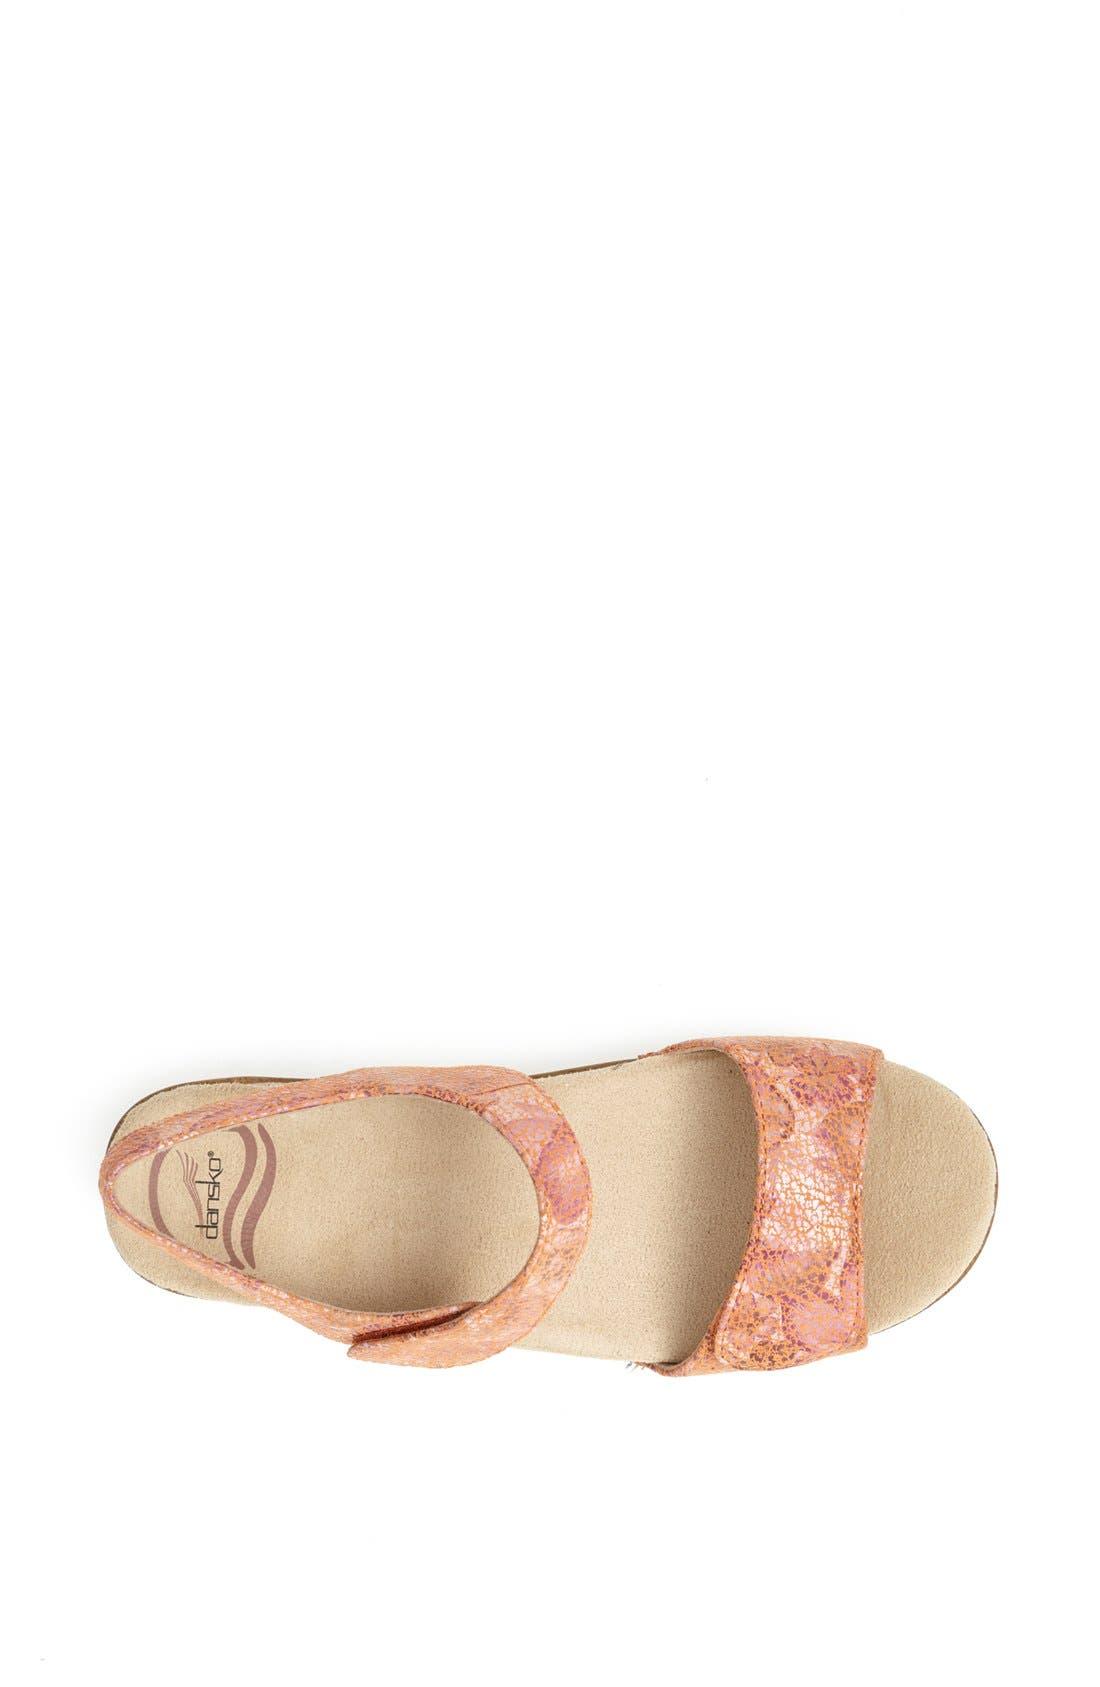 Alternate Image 3  - Dansko 'Sonnet' Sandal